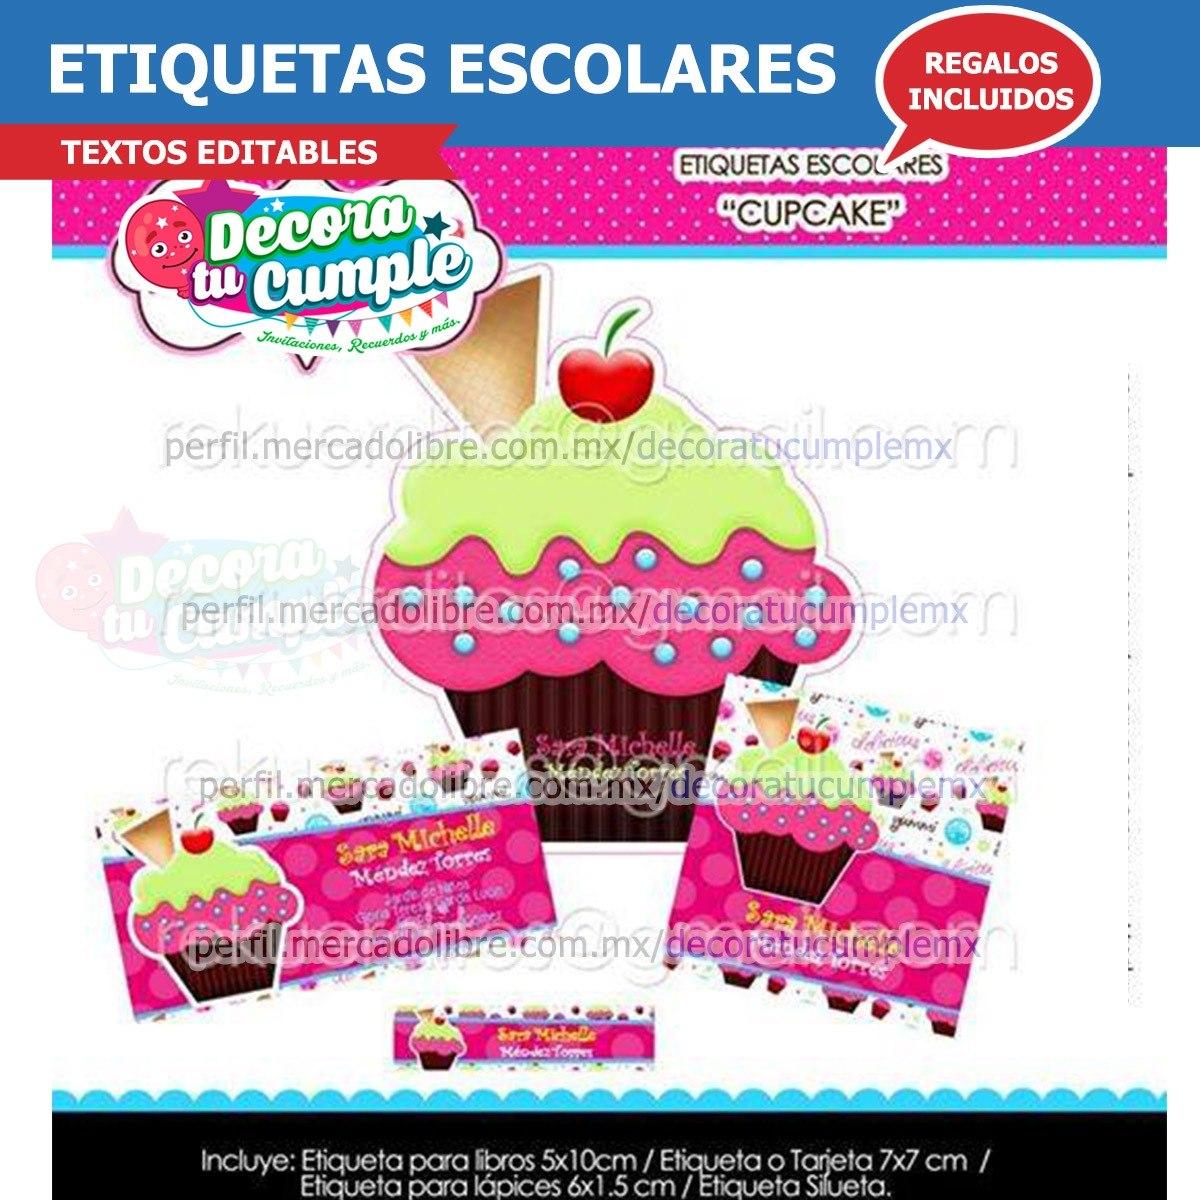 Etiquetas Escolares Cupcake Pastel Helado Imprimible H18 - $ 19.90 ...